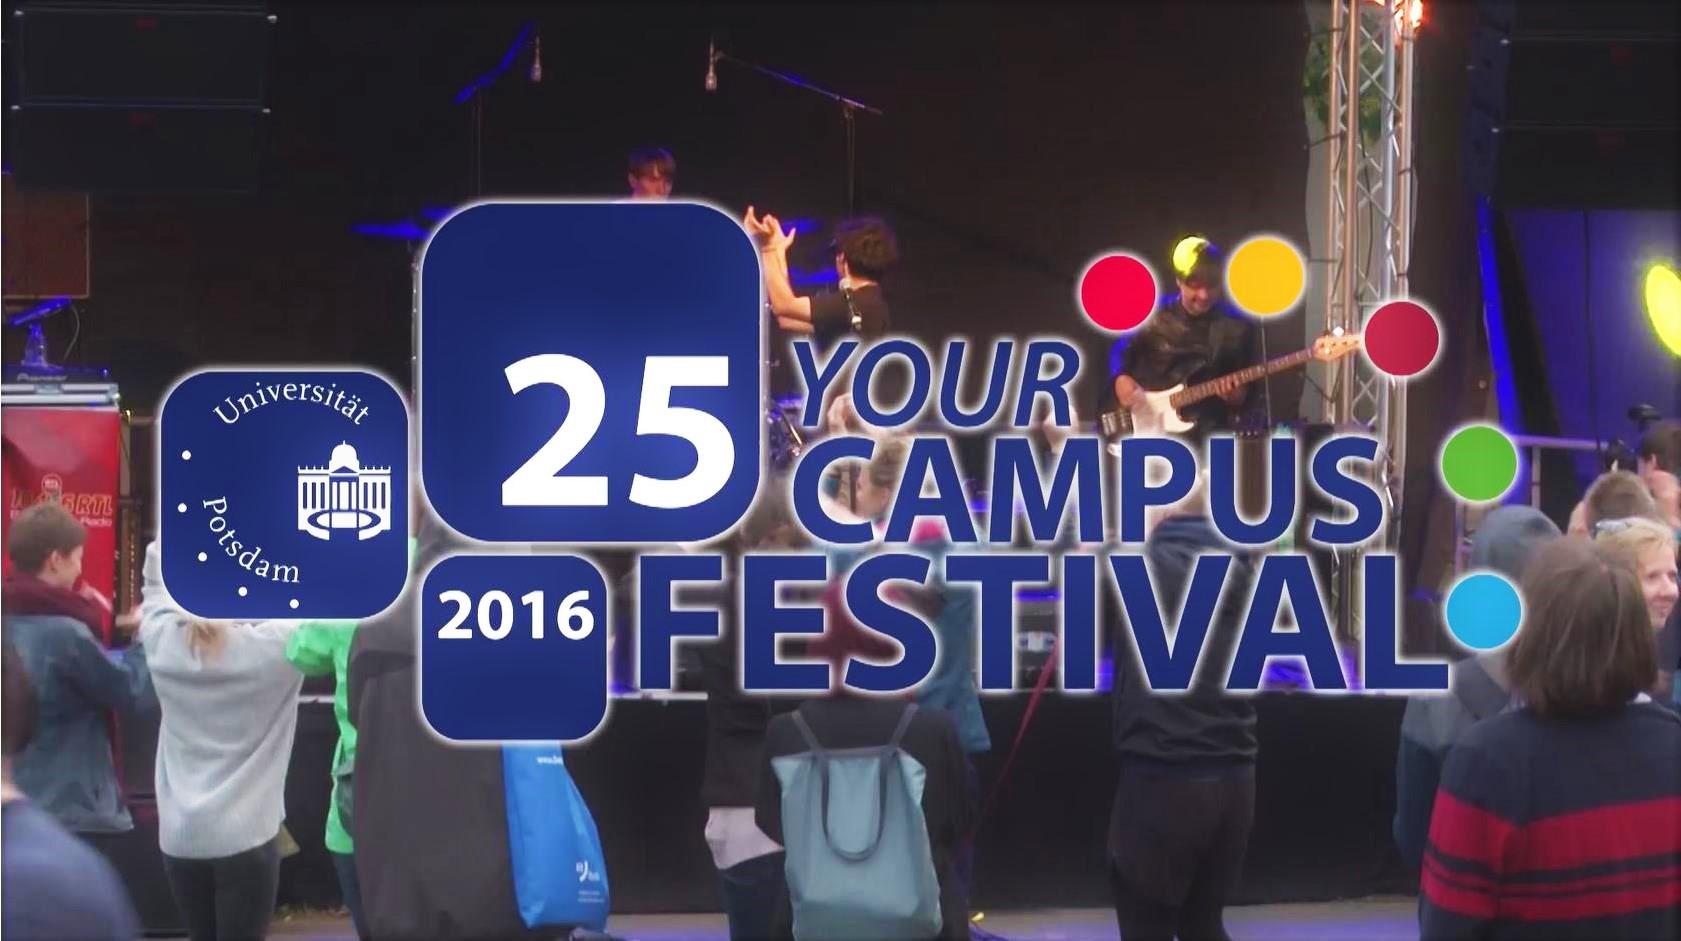 Campus Festival 2016